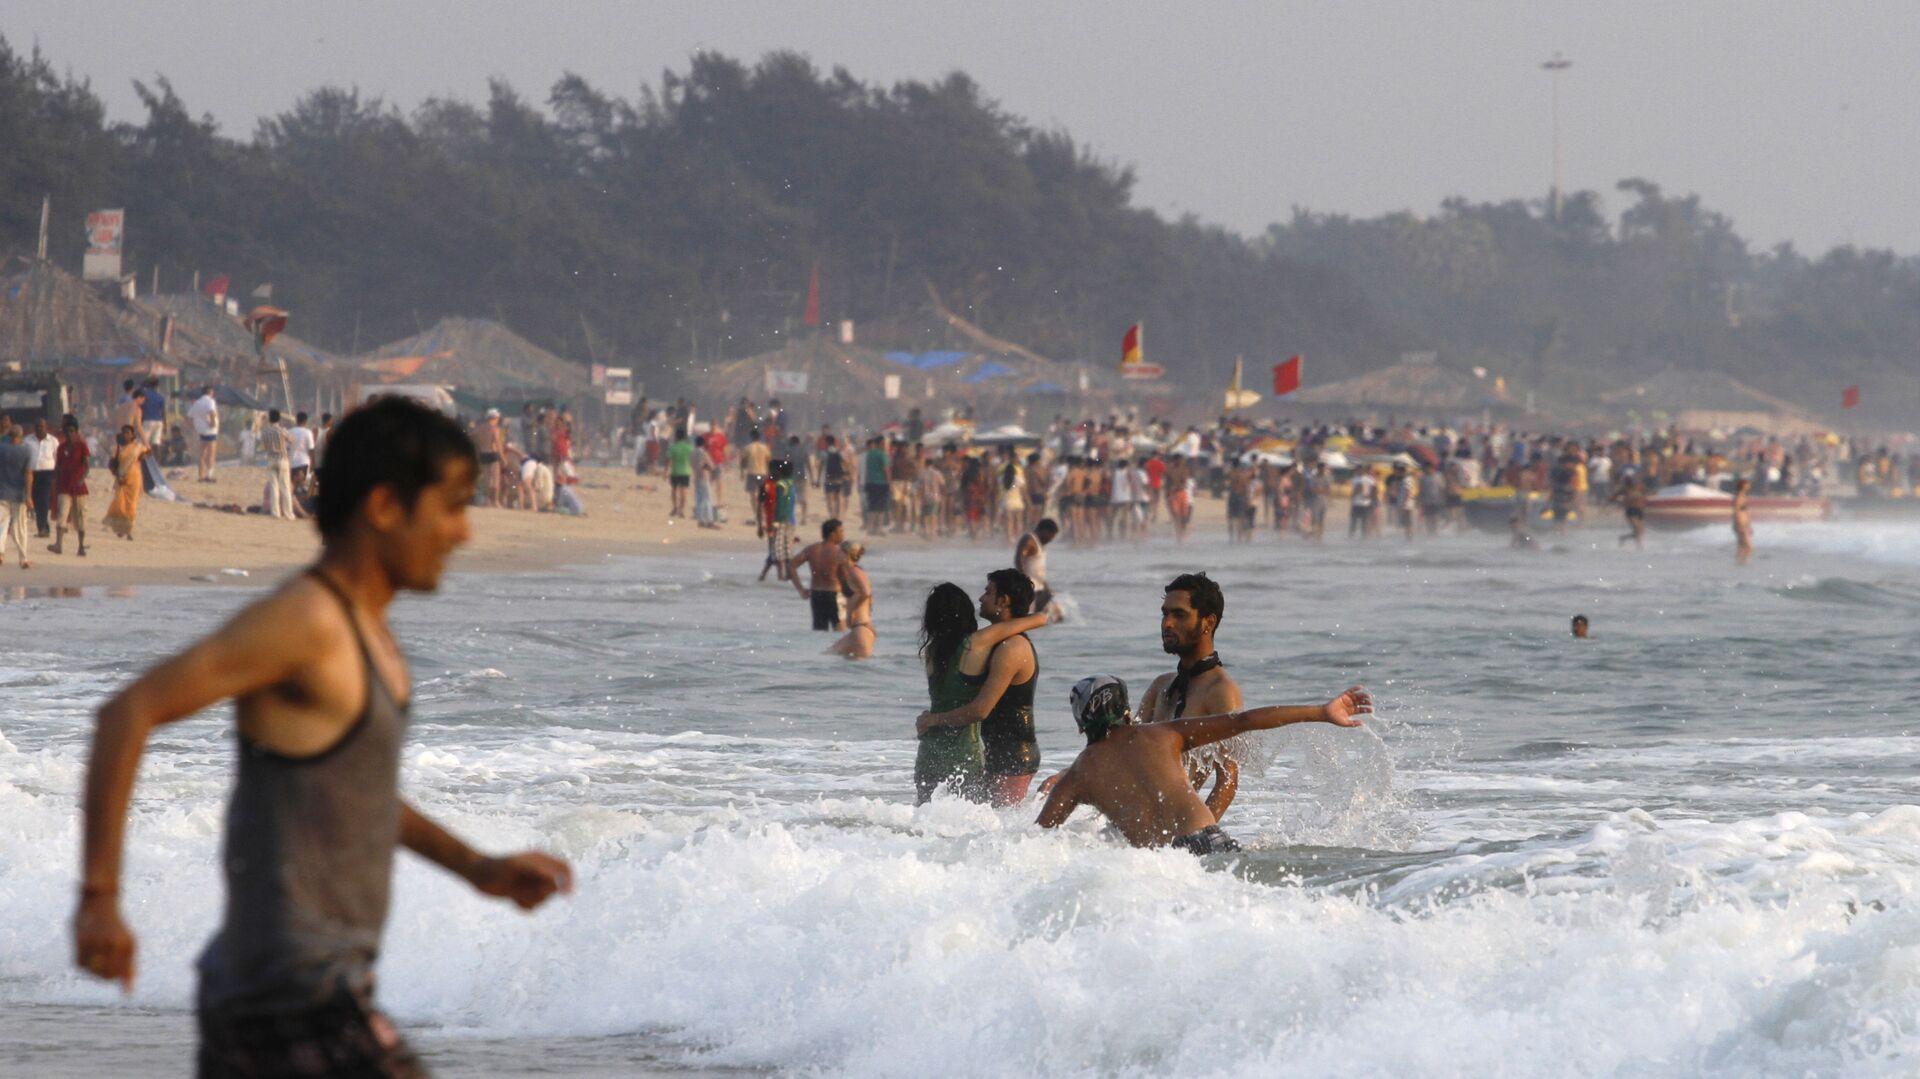 Туристы на пляже Бага в Гоа, Индия - РИА Новости, 1920, 08.12.2020